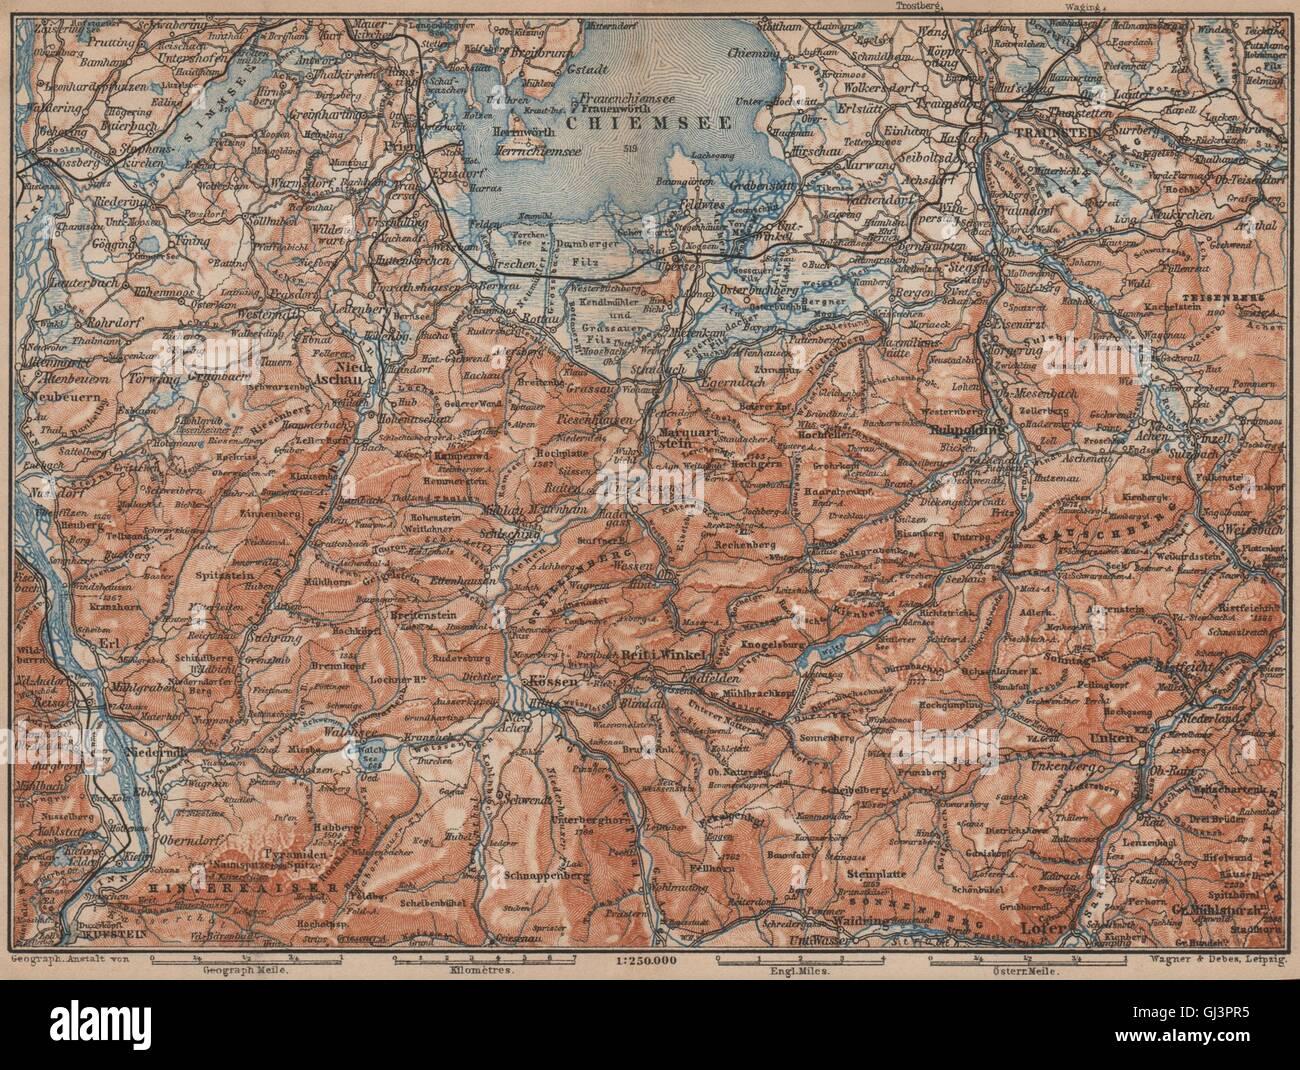 Chiemsee Karte.Chiemsee Chiemgau Umgebung Kufstein Traunstein Lofer Kössen